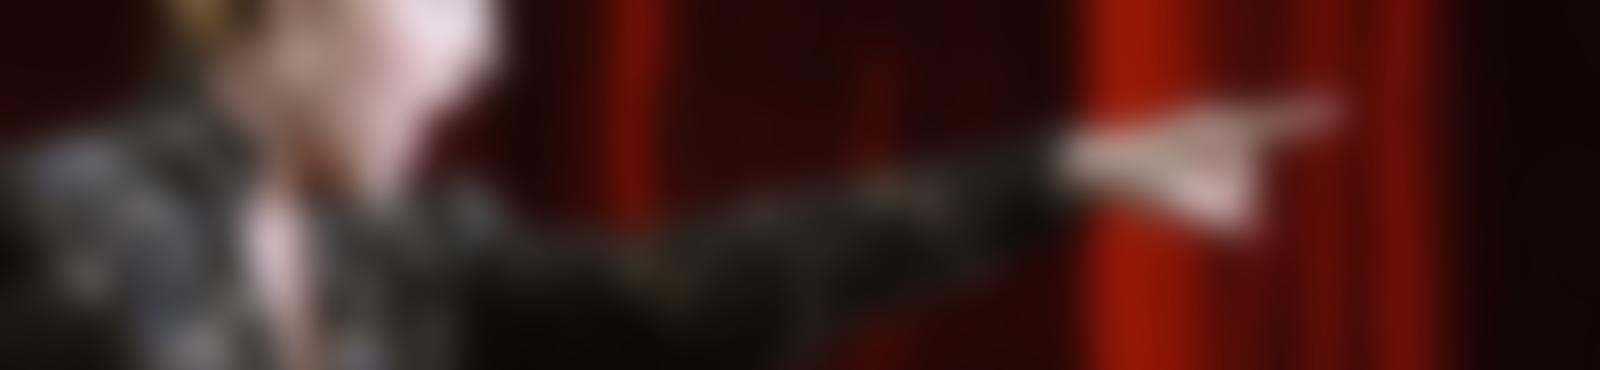 Blurred 7f446cfb c20d 4a30 8ed0 66498f7b3a65